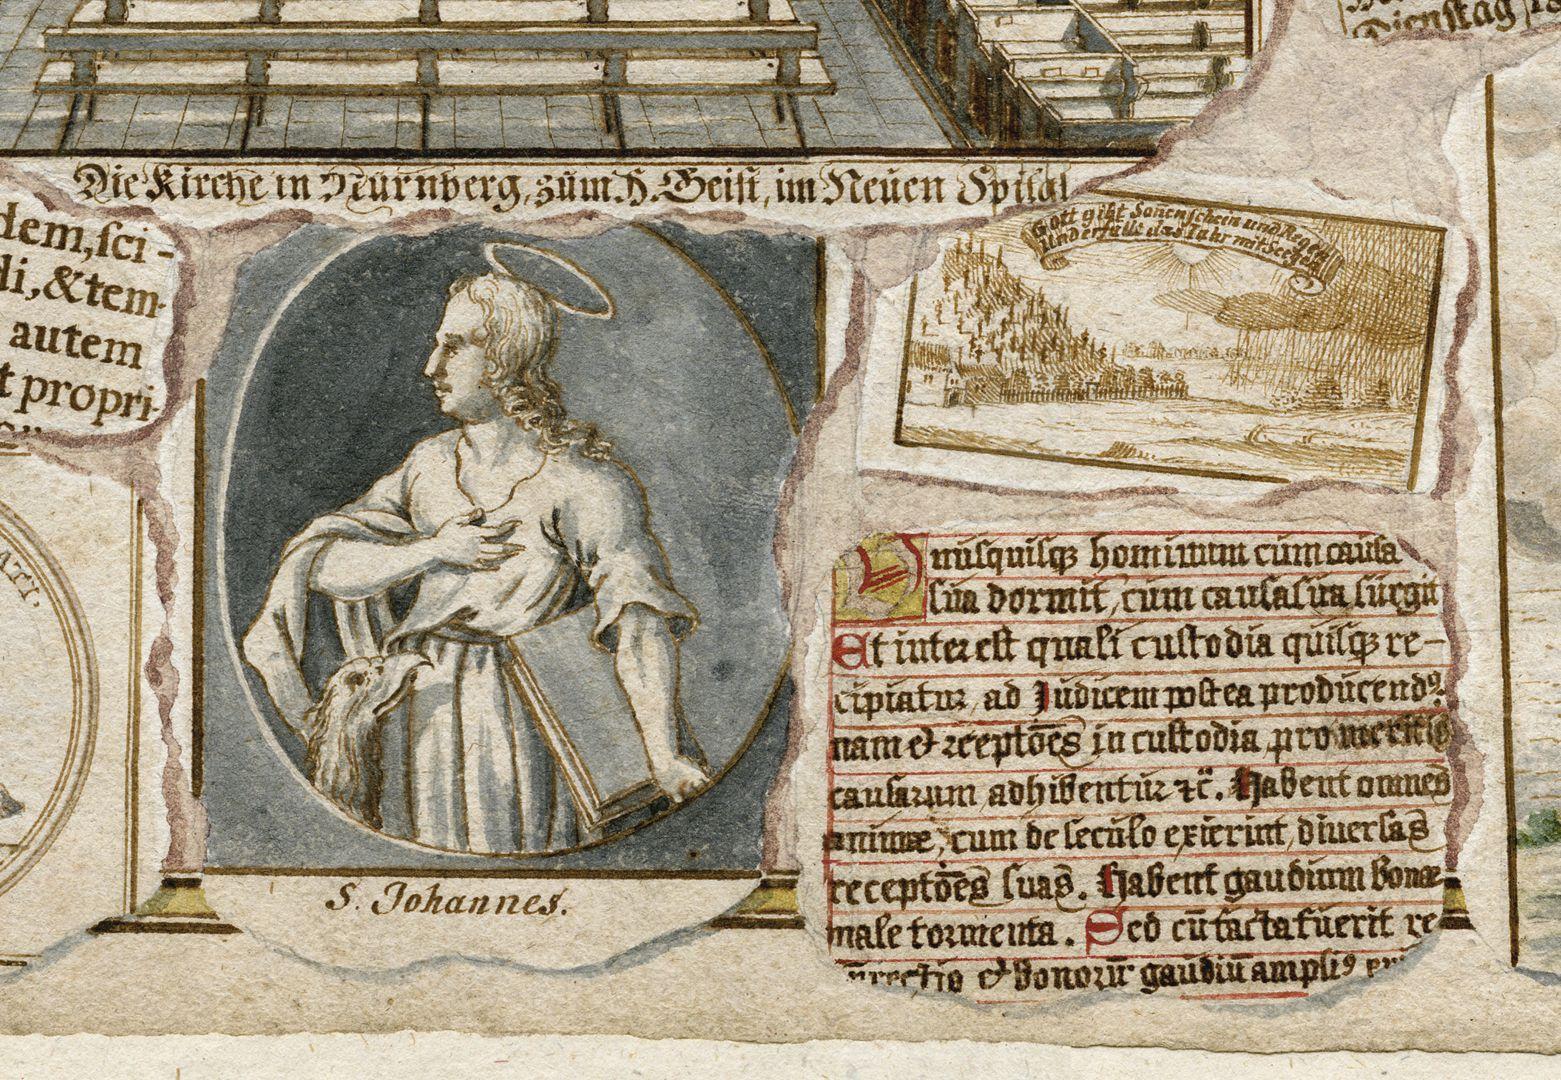 """Quodlibet zum Heilig-Geist-Spital """"Quodlibetzettel"""" am mittleren unteren Bildrand"""